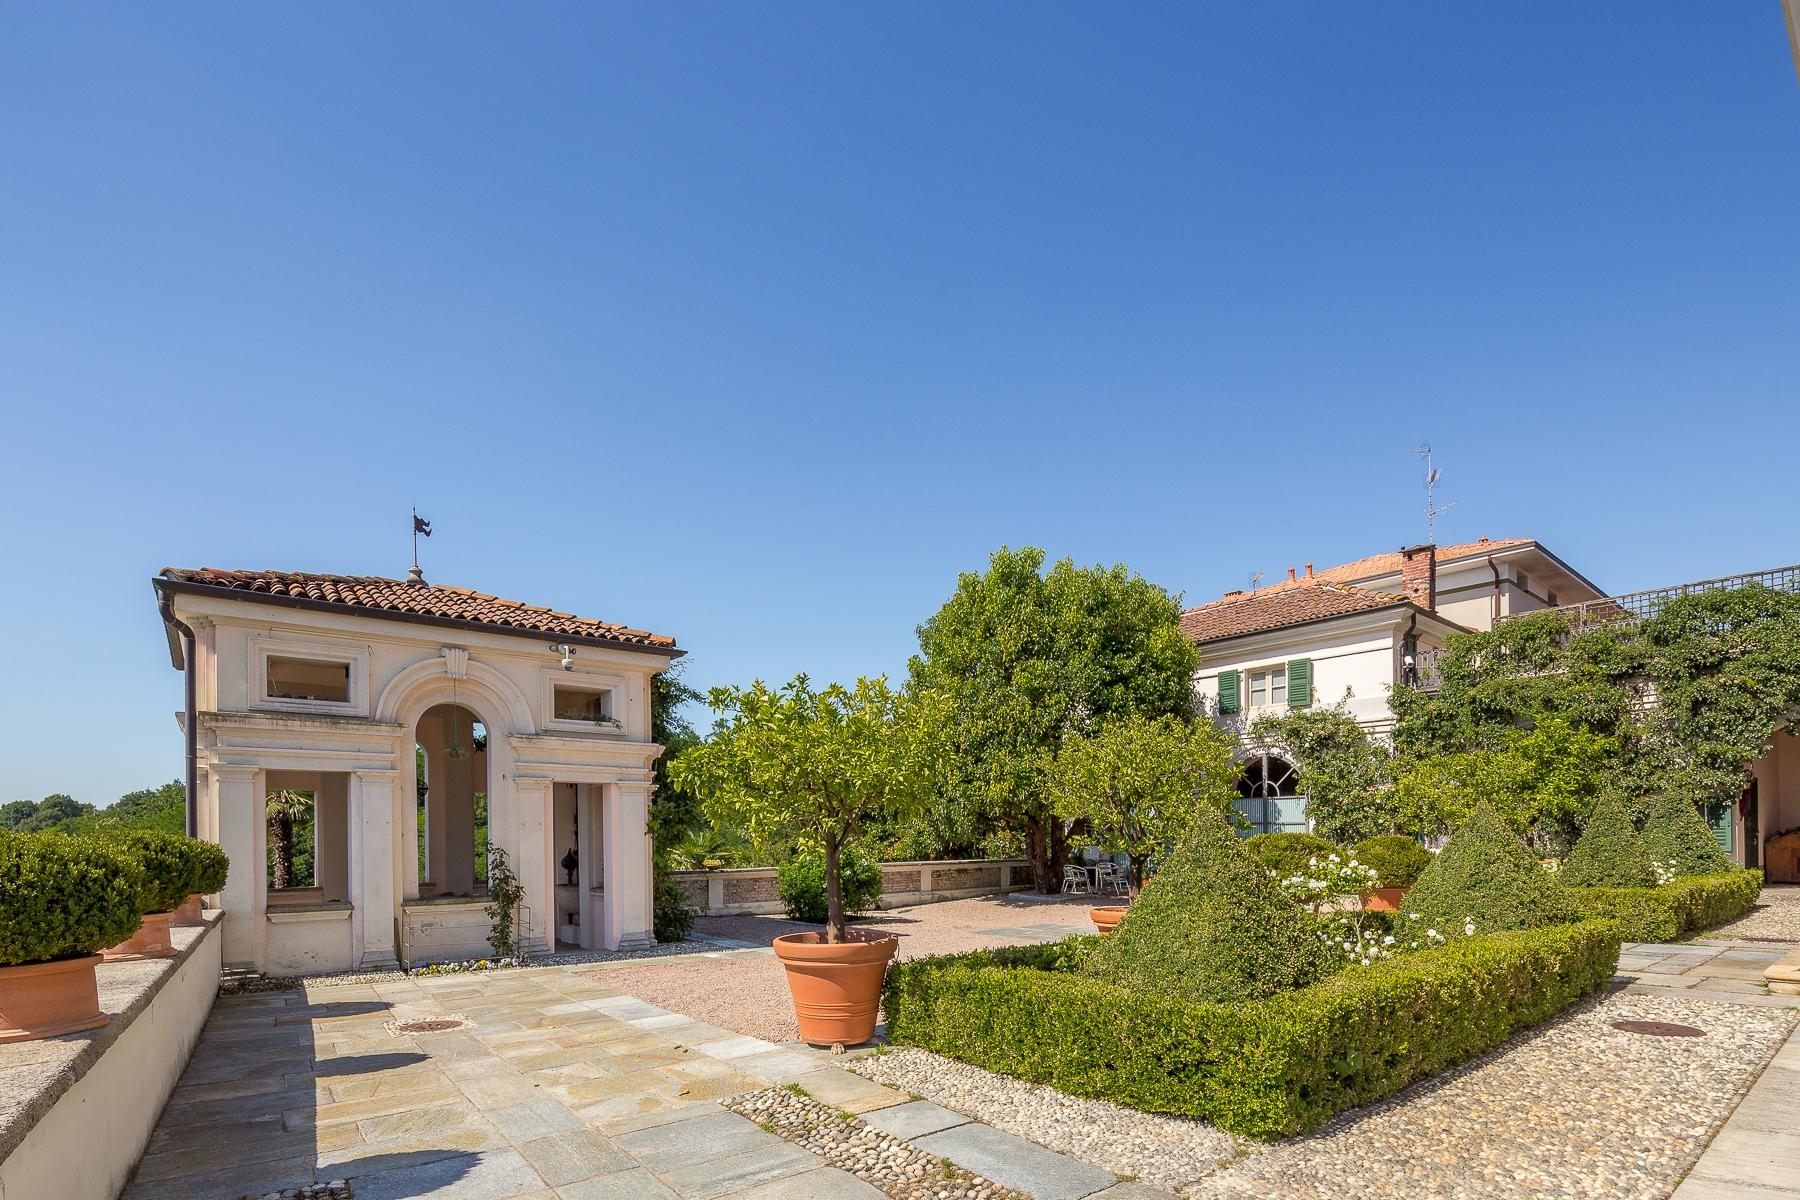 Villa in Vendita a Bogogno: 5 locali, 580 mq - Foto 4